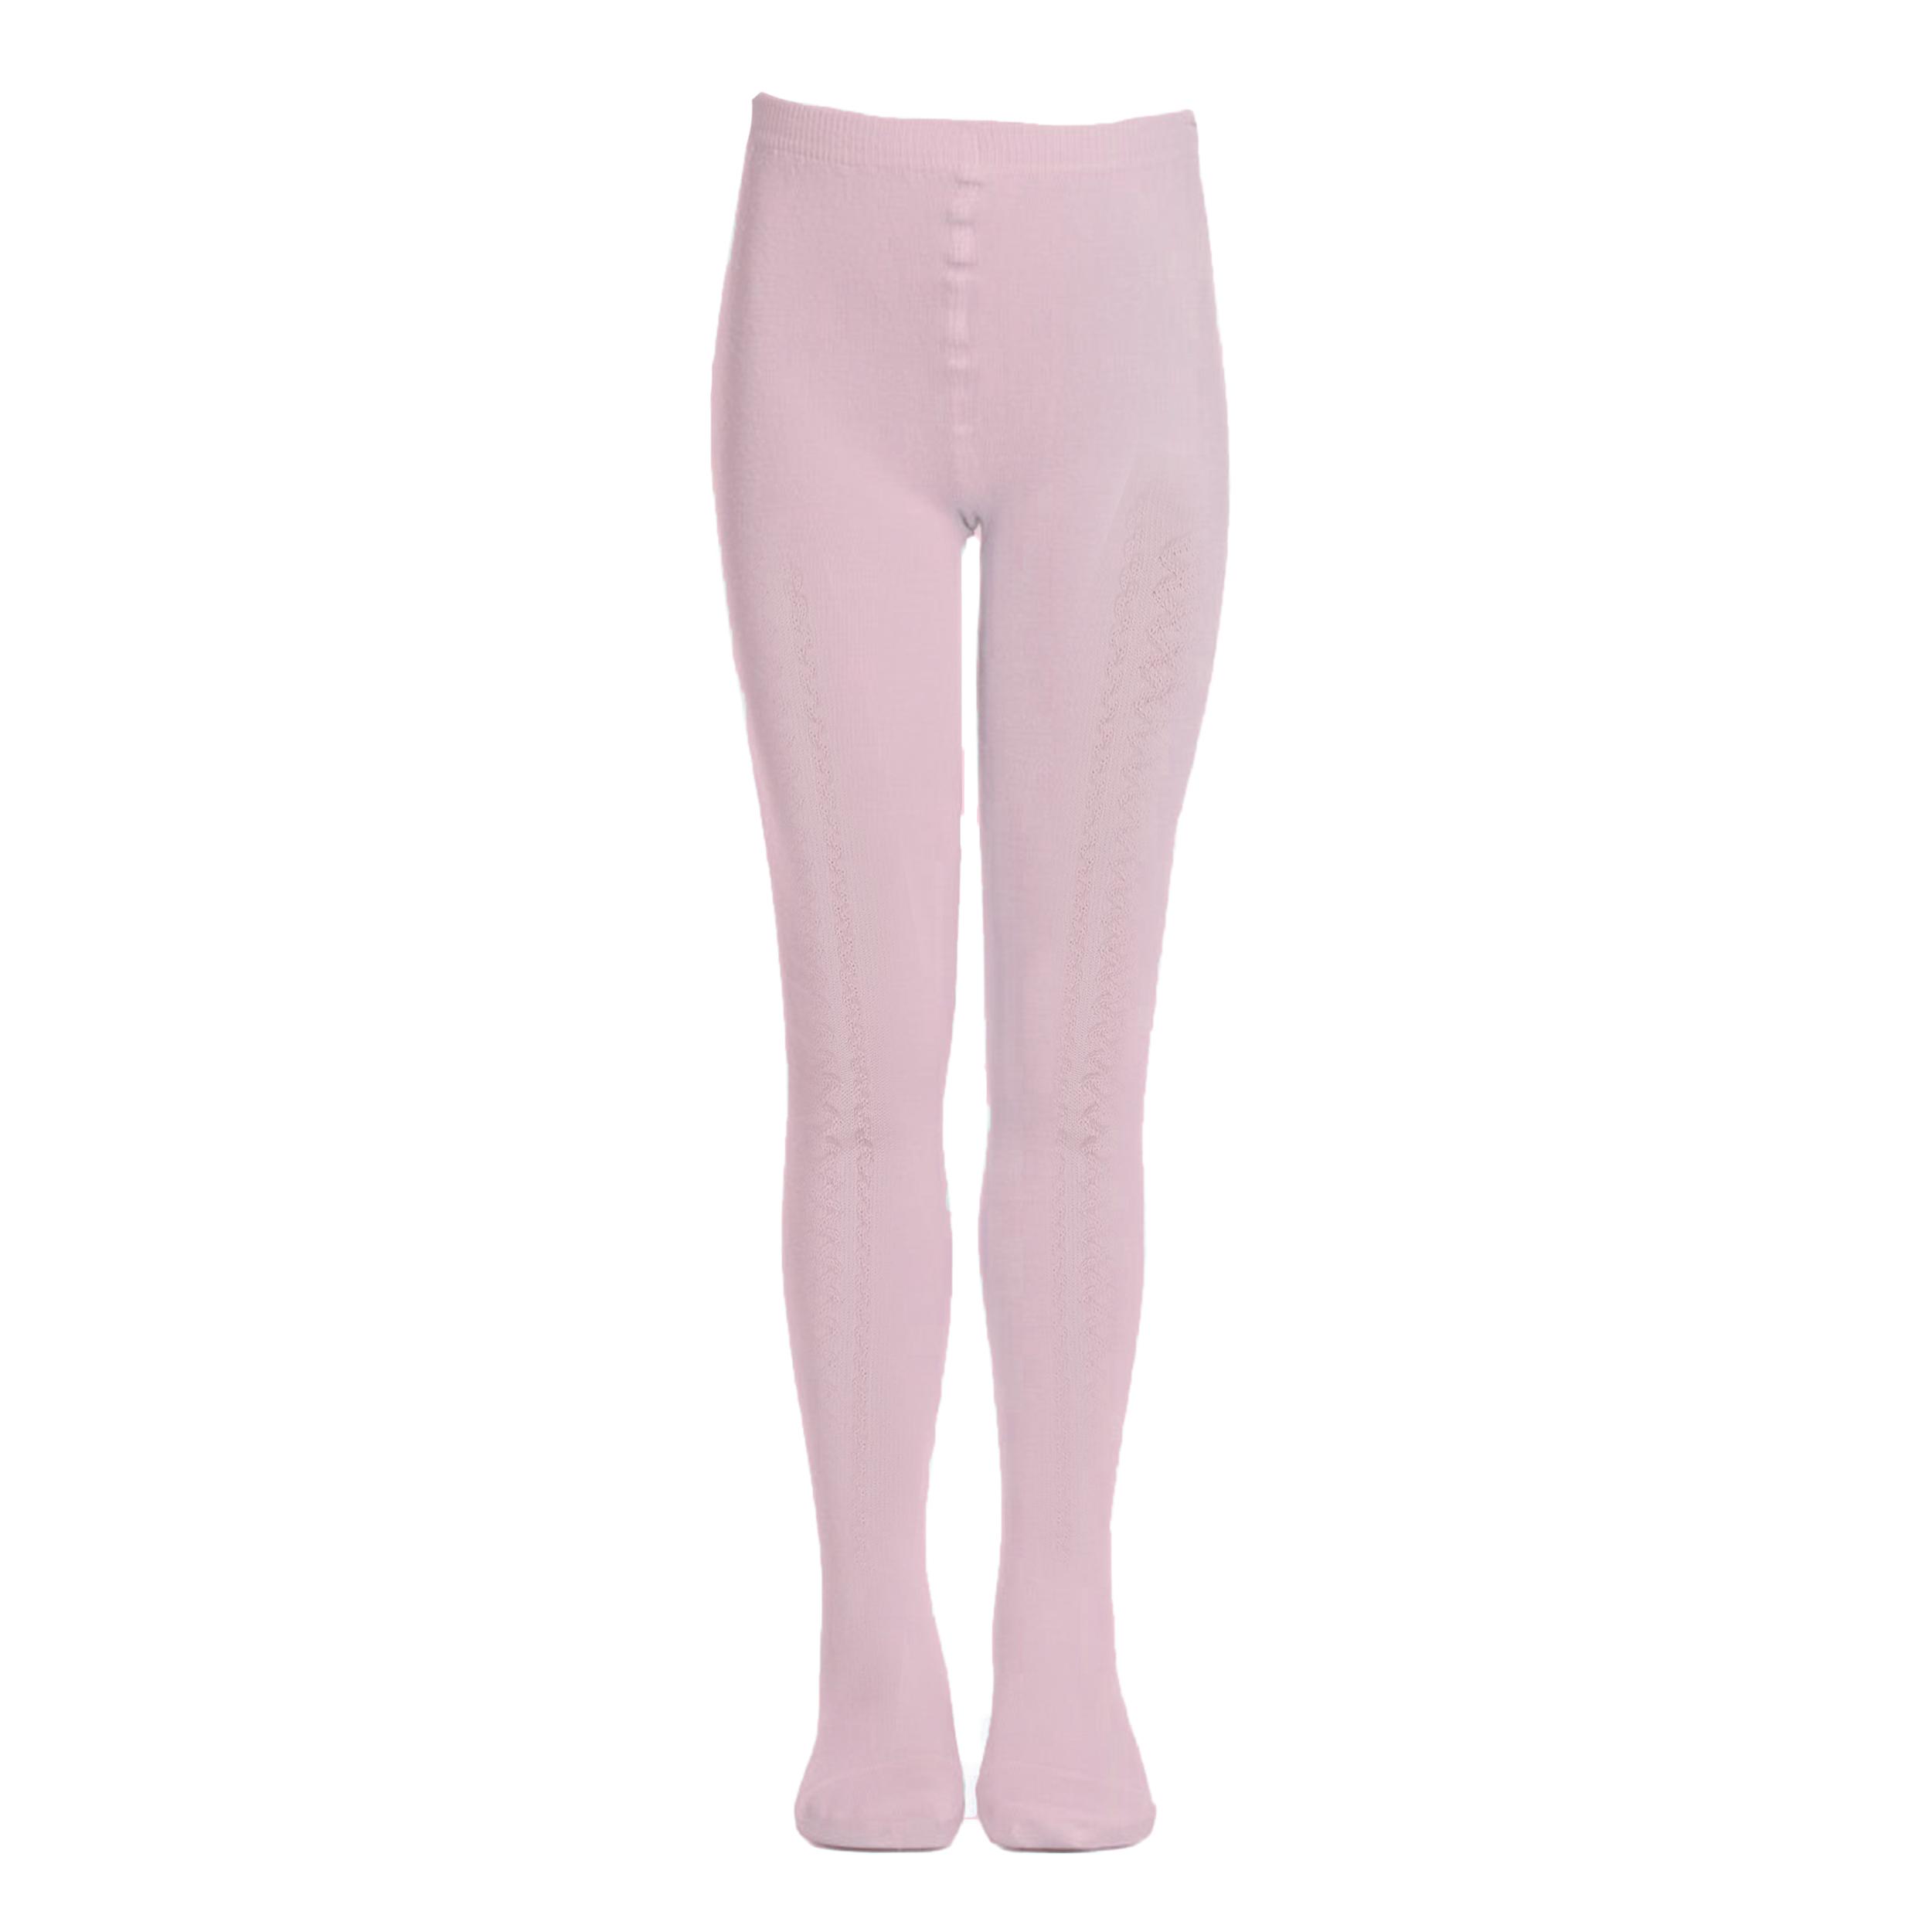 جوراب شلواری دخترانه درین طرح لوزی